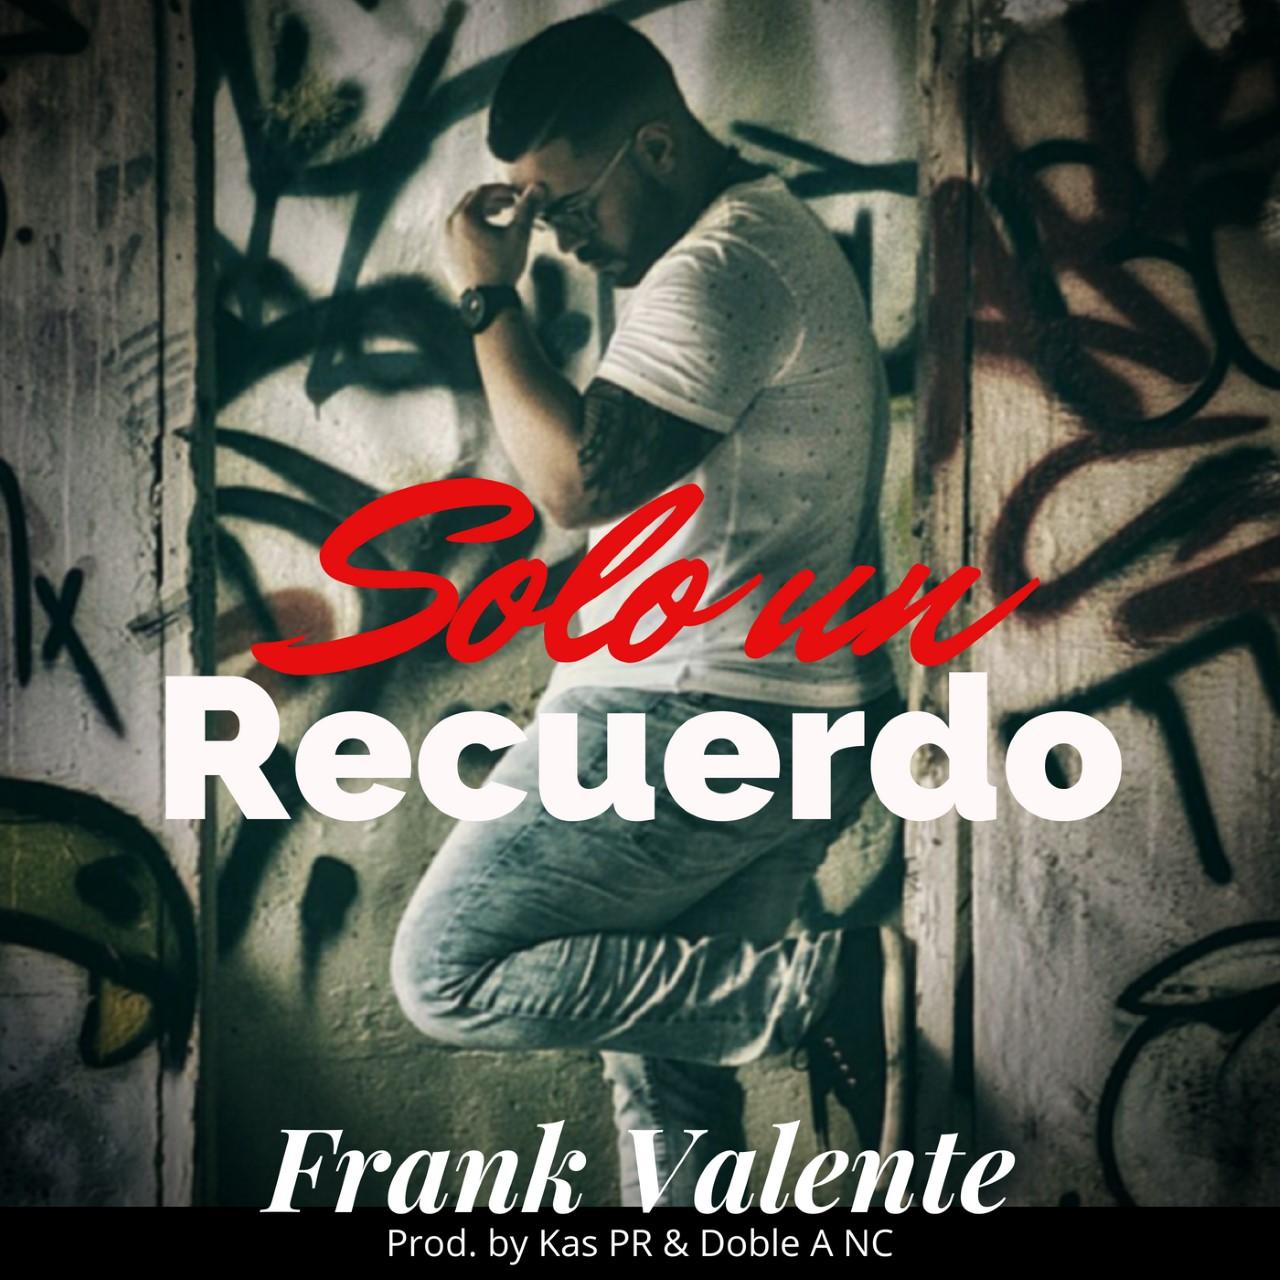 109 - Frank Valente - Solo un Recuerdo